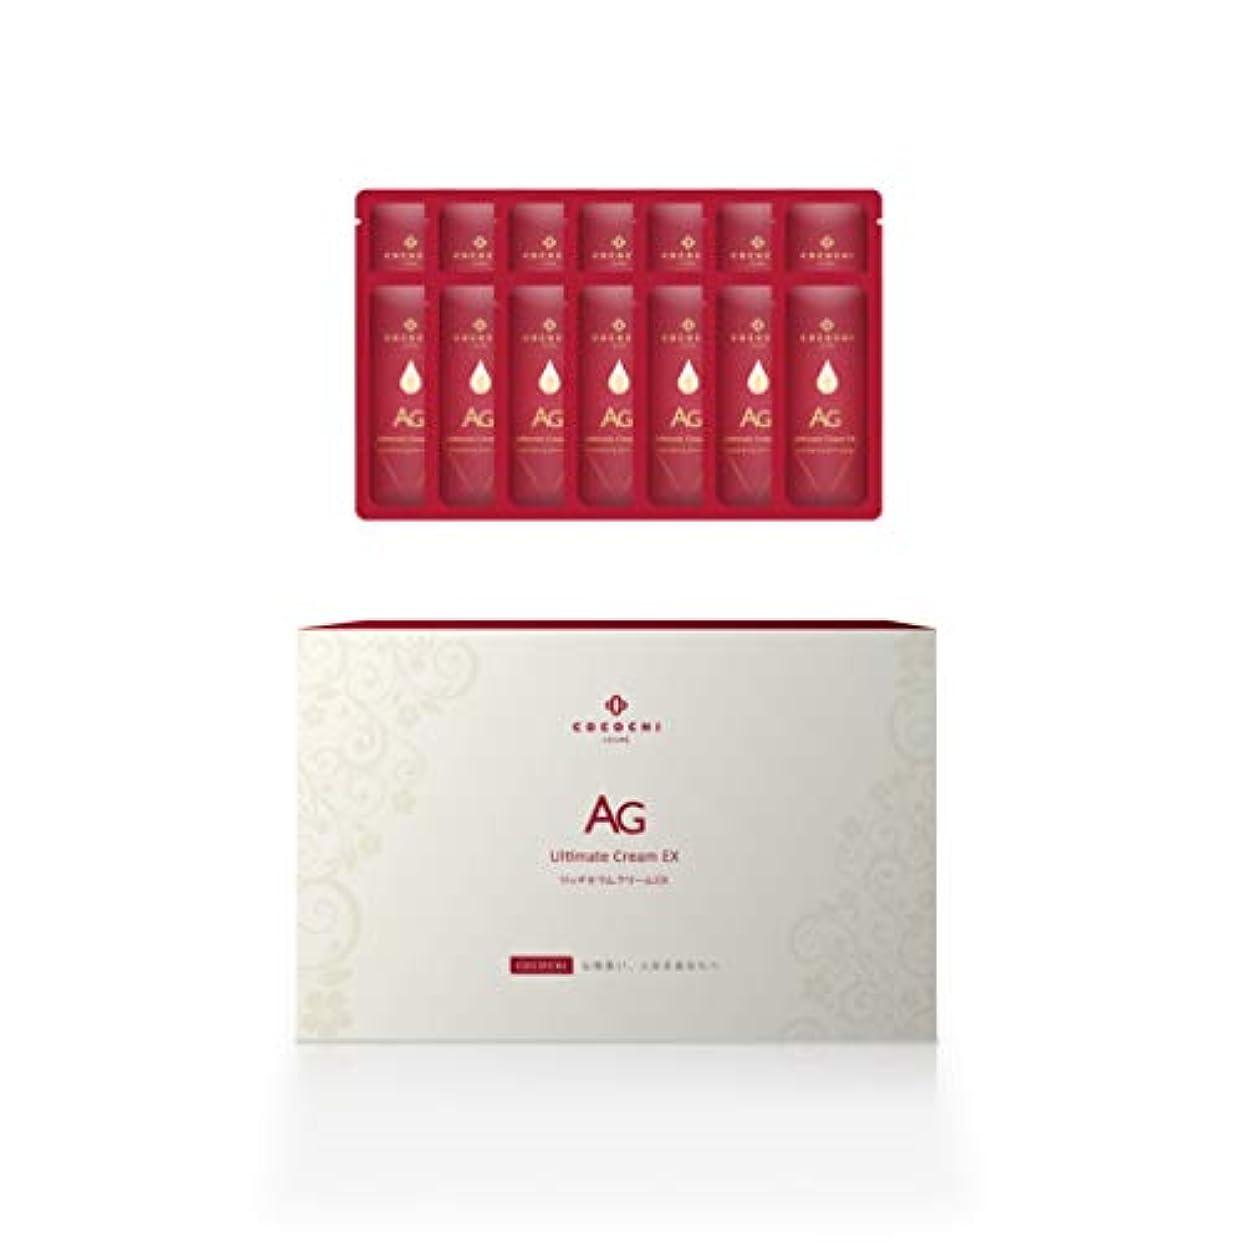 チョコレート素晴らしい石膏エージーアルティメット(AGアルティメット) エージーアルティメットリッチセラムクリーム 14